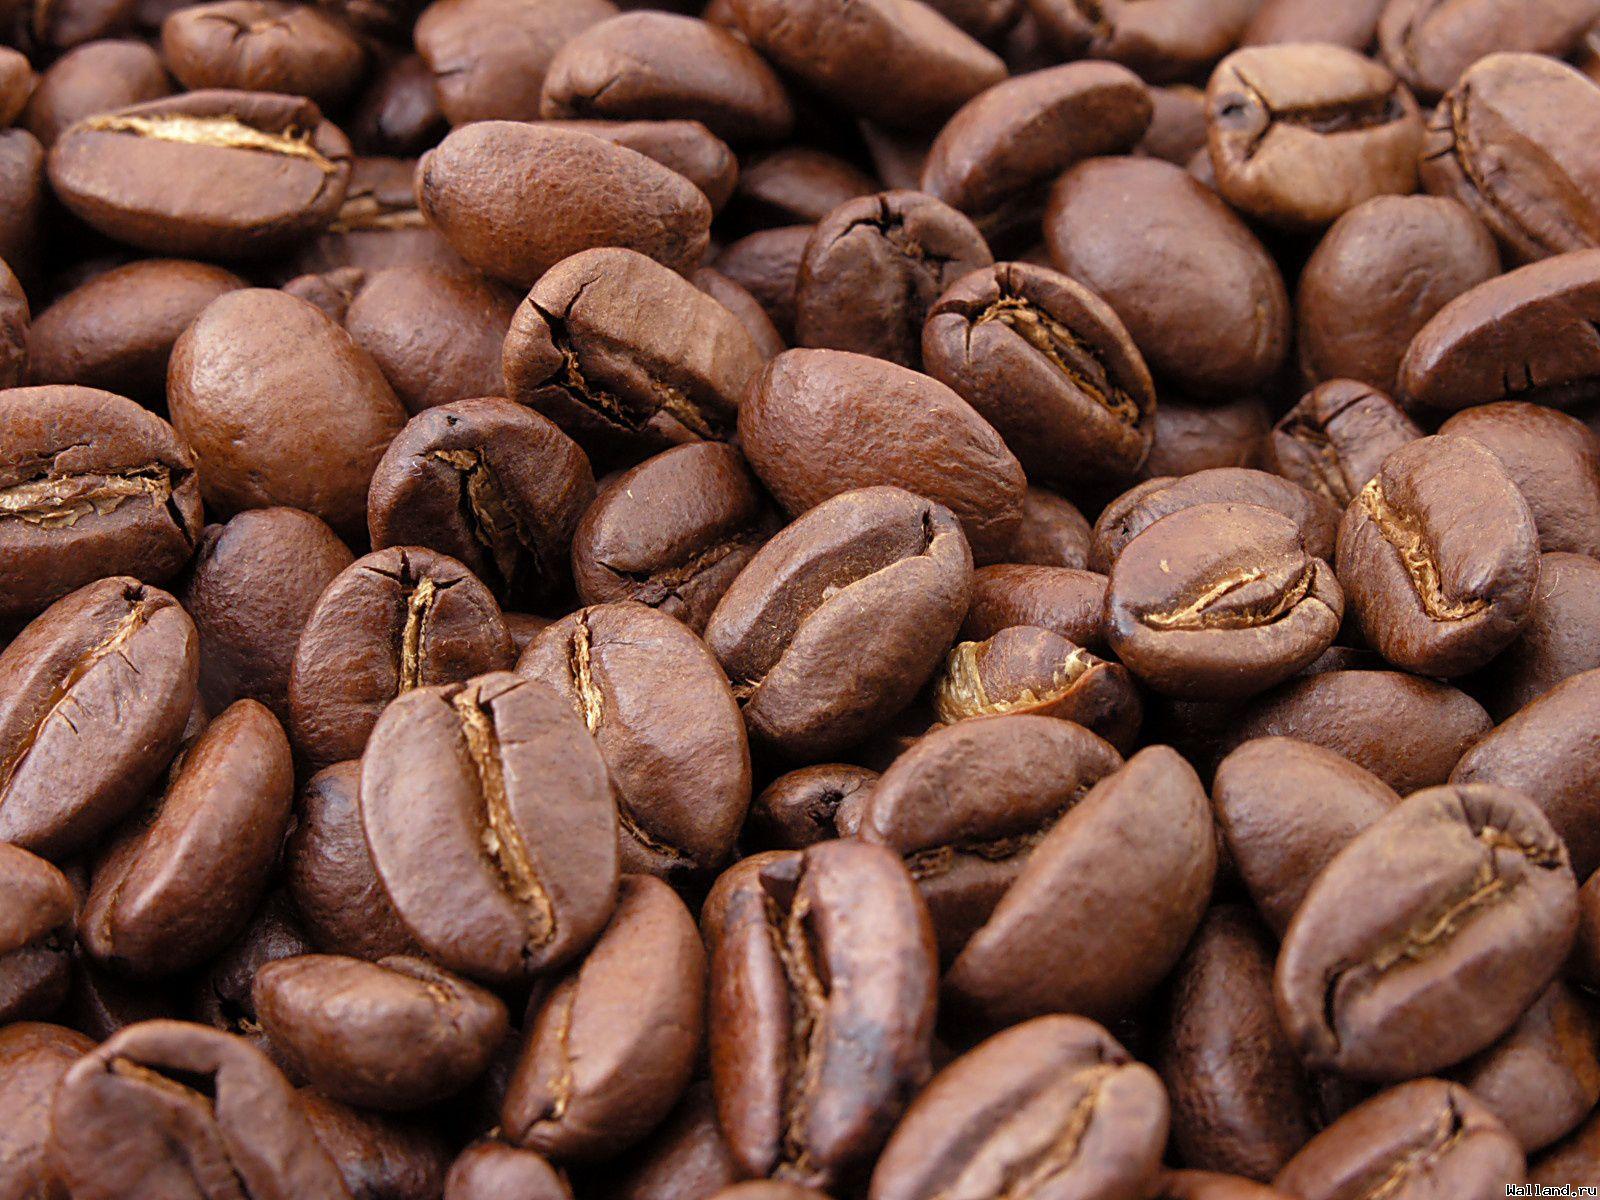 фото, кофе, кофейные зерна, скачать бесплатно